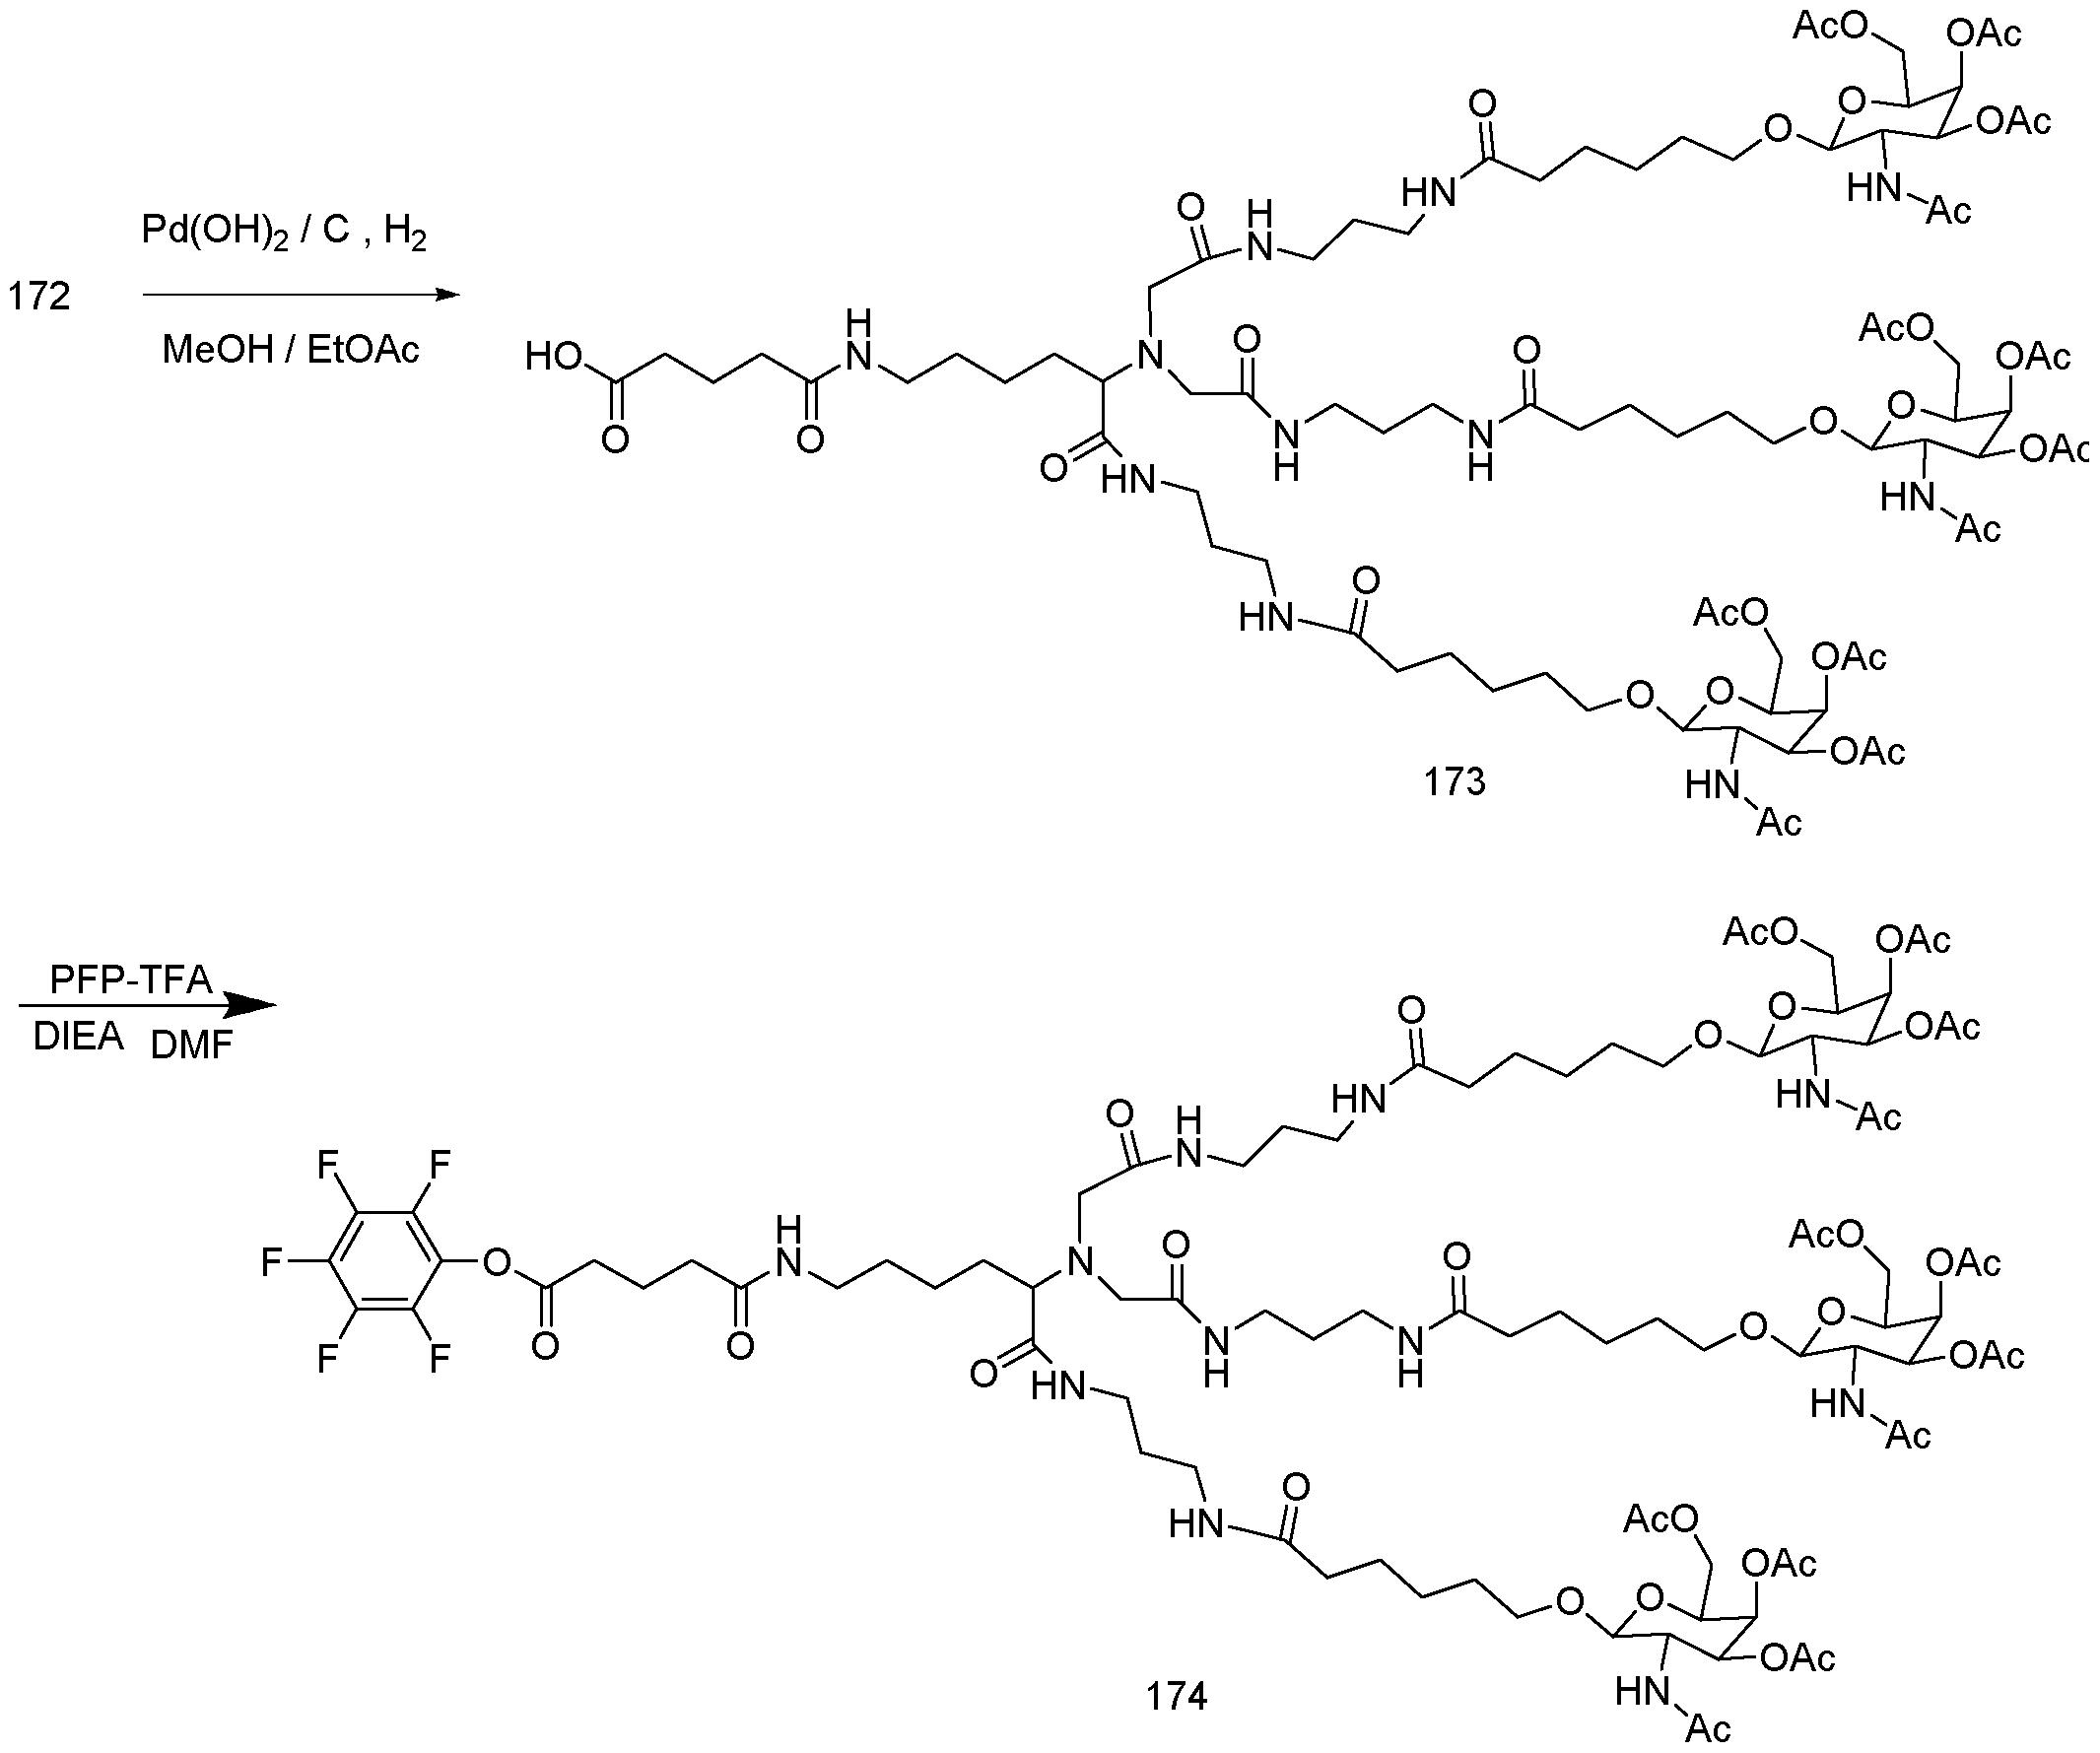 Figure imgf000281_0001